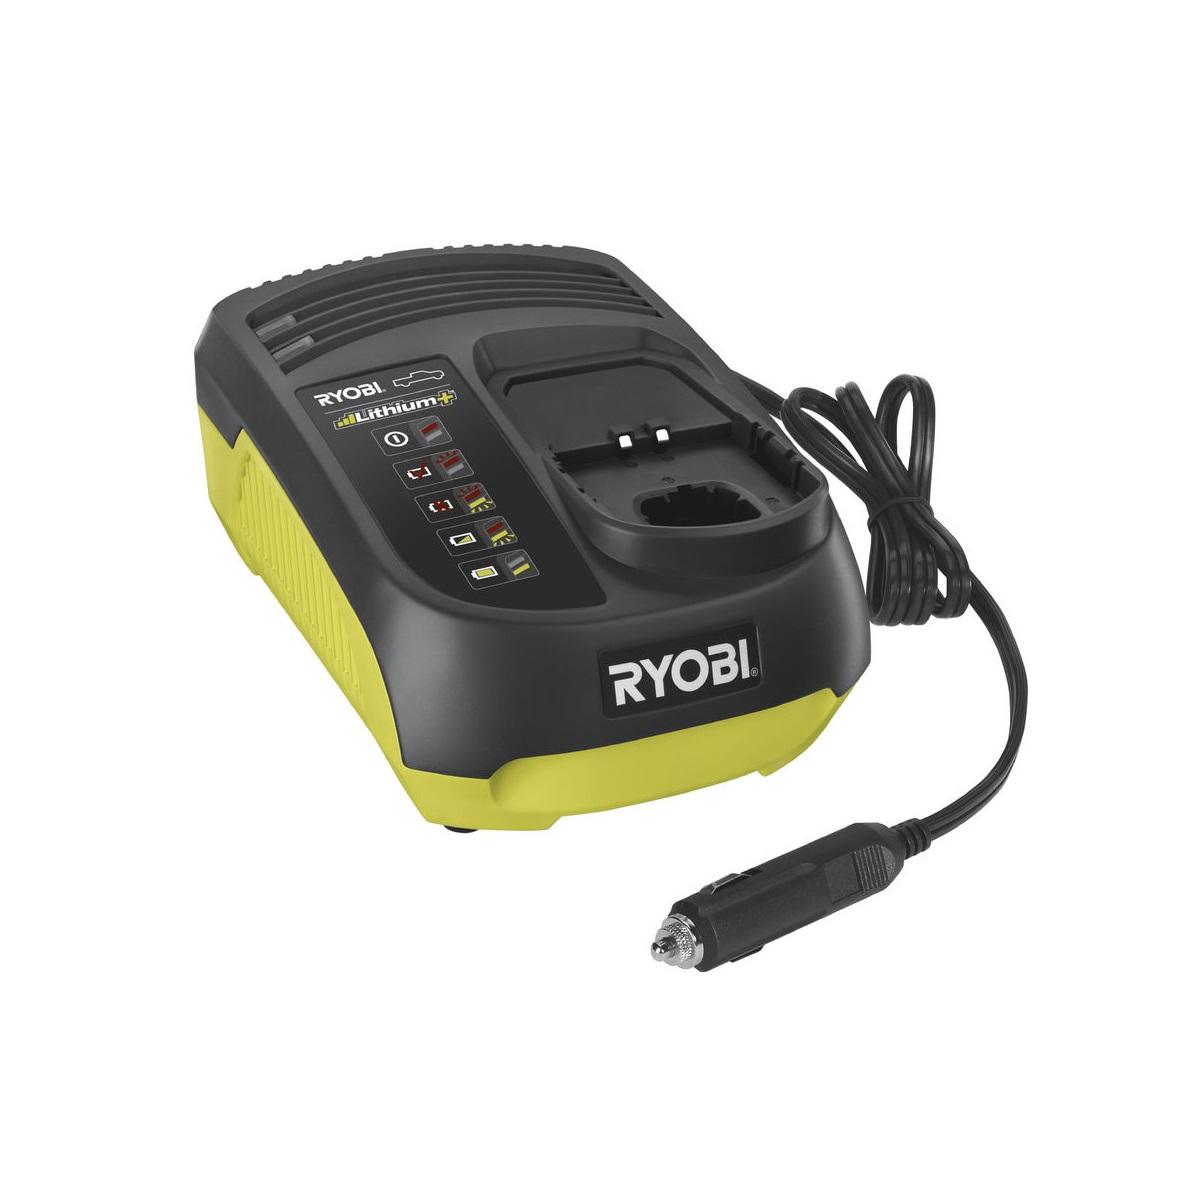 Ryobi RC18118C18V univerzální nabíječka do auta ONE+